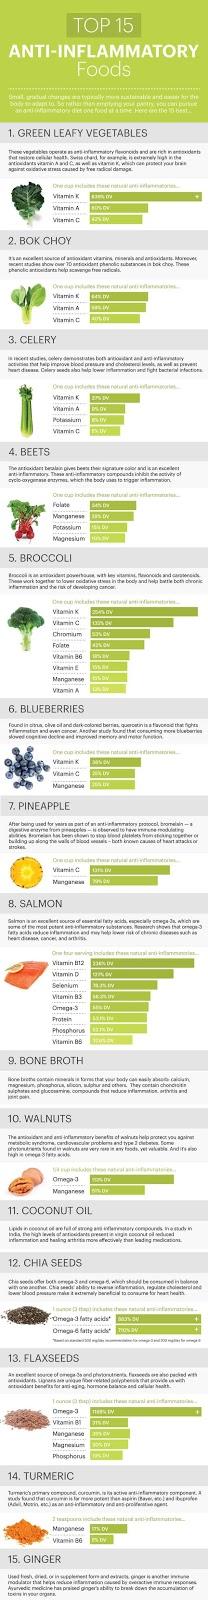 Anti-Inflammatory Diet, Anti-Inflammatory Foods, Anti-Inflammatory Foods Diet, Anti-Inflammatory Mediterranean Diet, Inflammatory Foods, Inflammatory Foods To Avoid, Top Anti-Inflammatory Foods